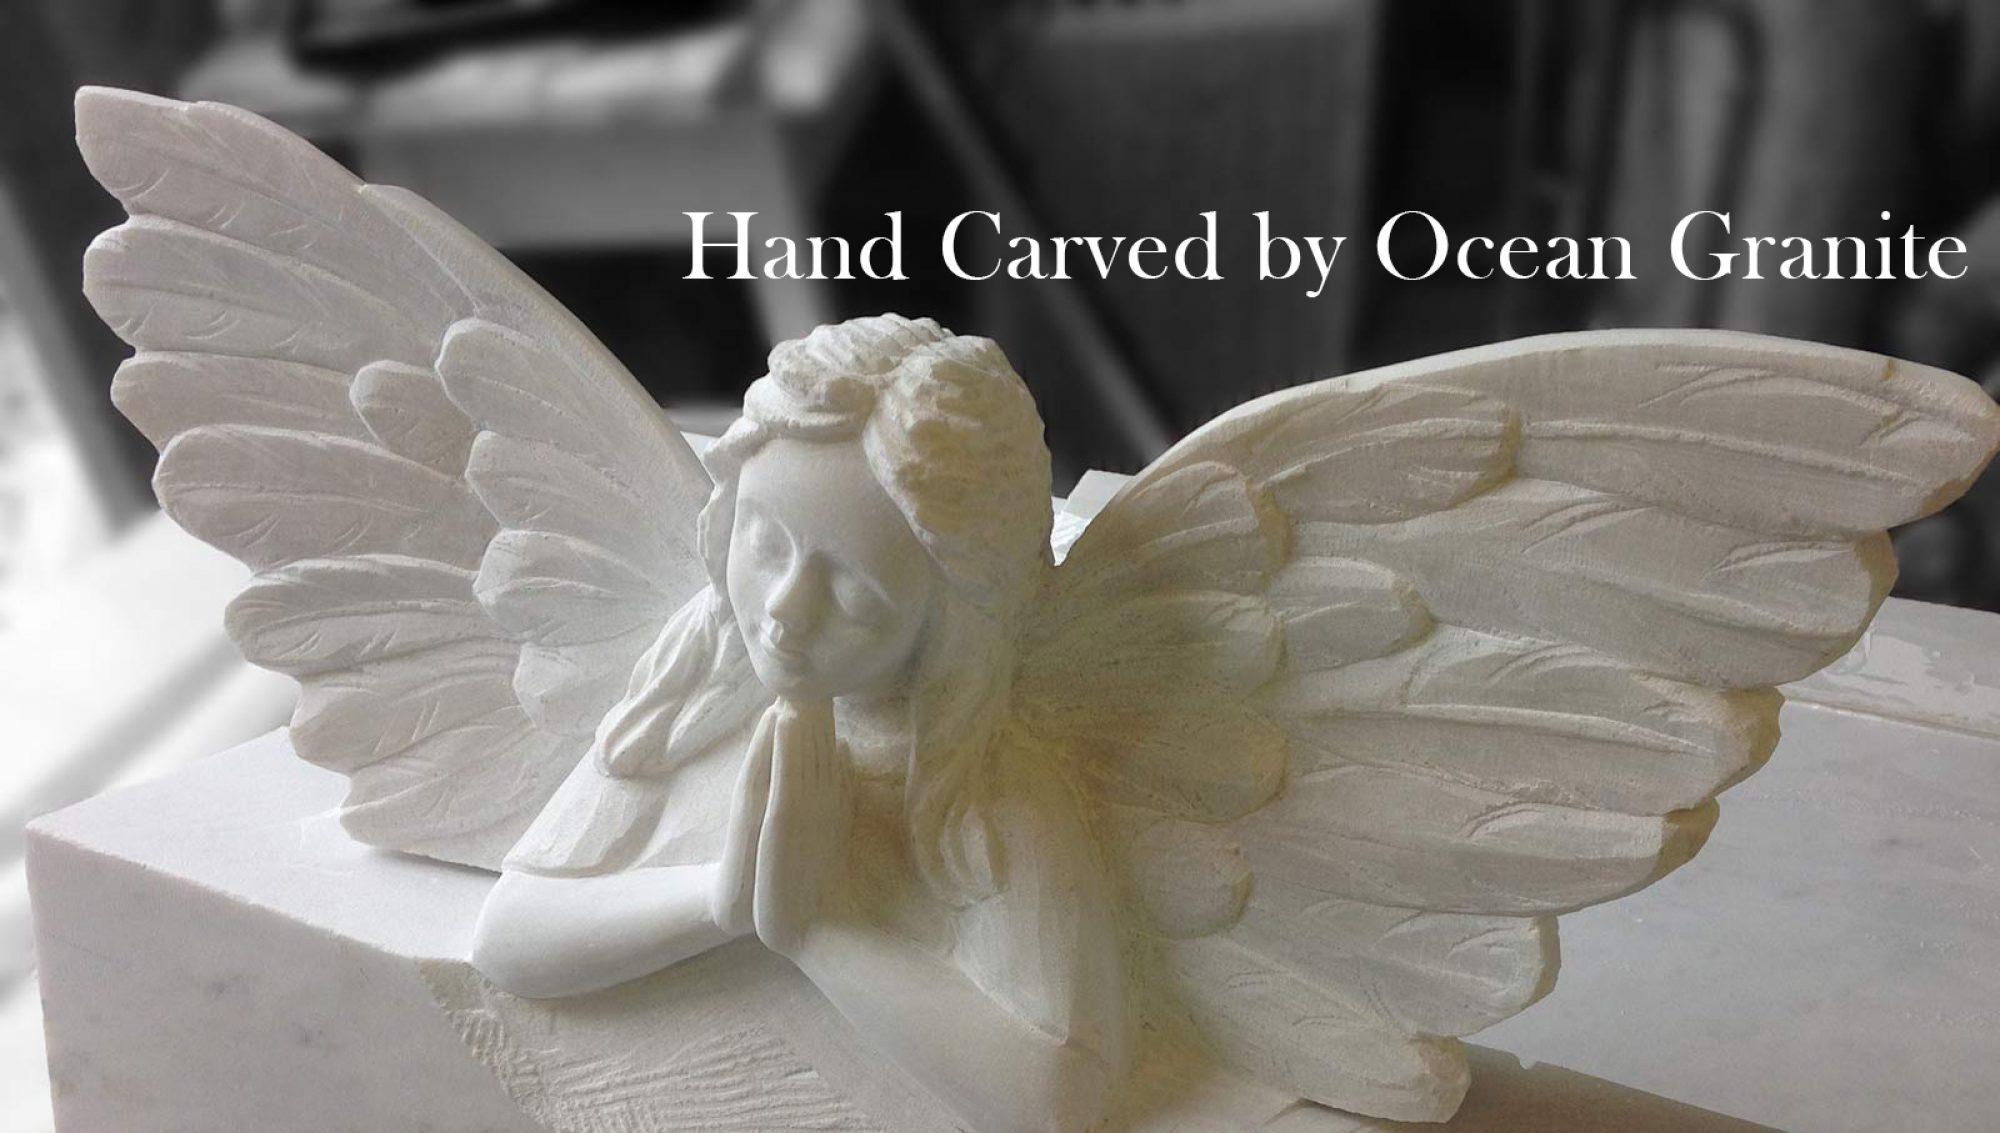 Ocean Granite